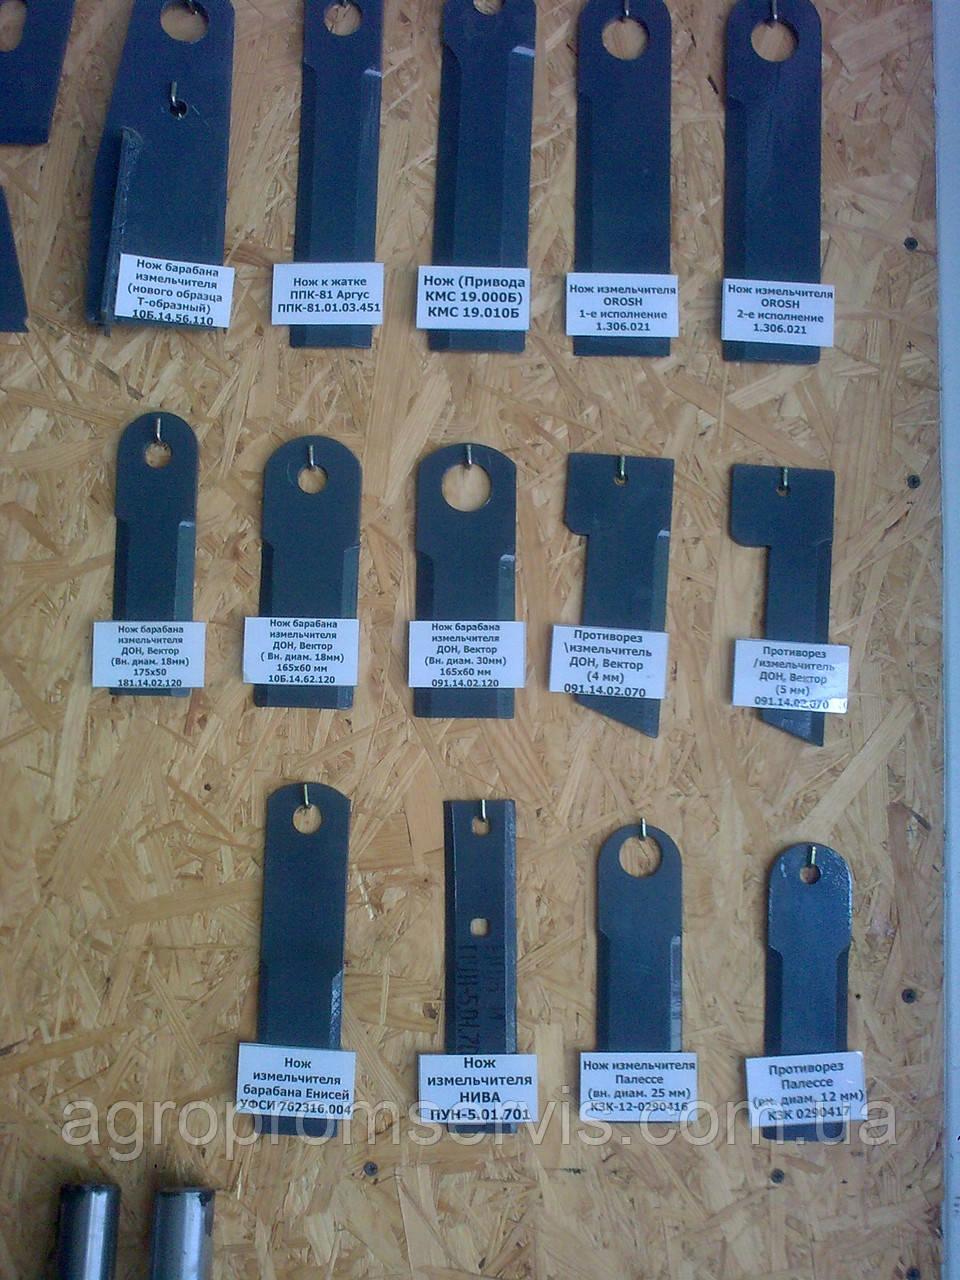 Ножи измельчителя пун комбайна нива - АгроПромСервис в Мелитополе